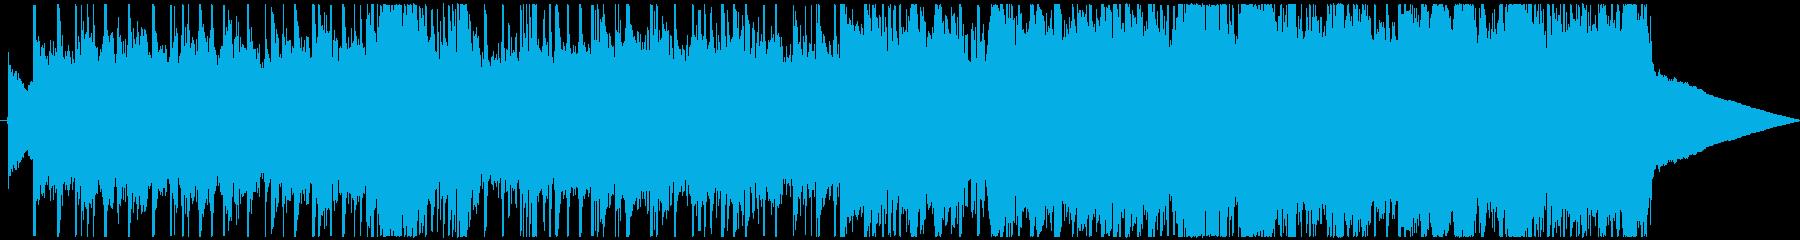 メタル 広い 壮大 緊張感 ワイル...の再生済みの波形